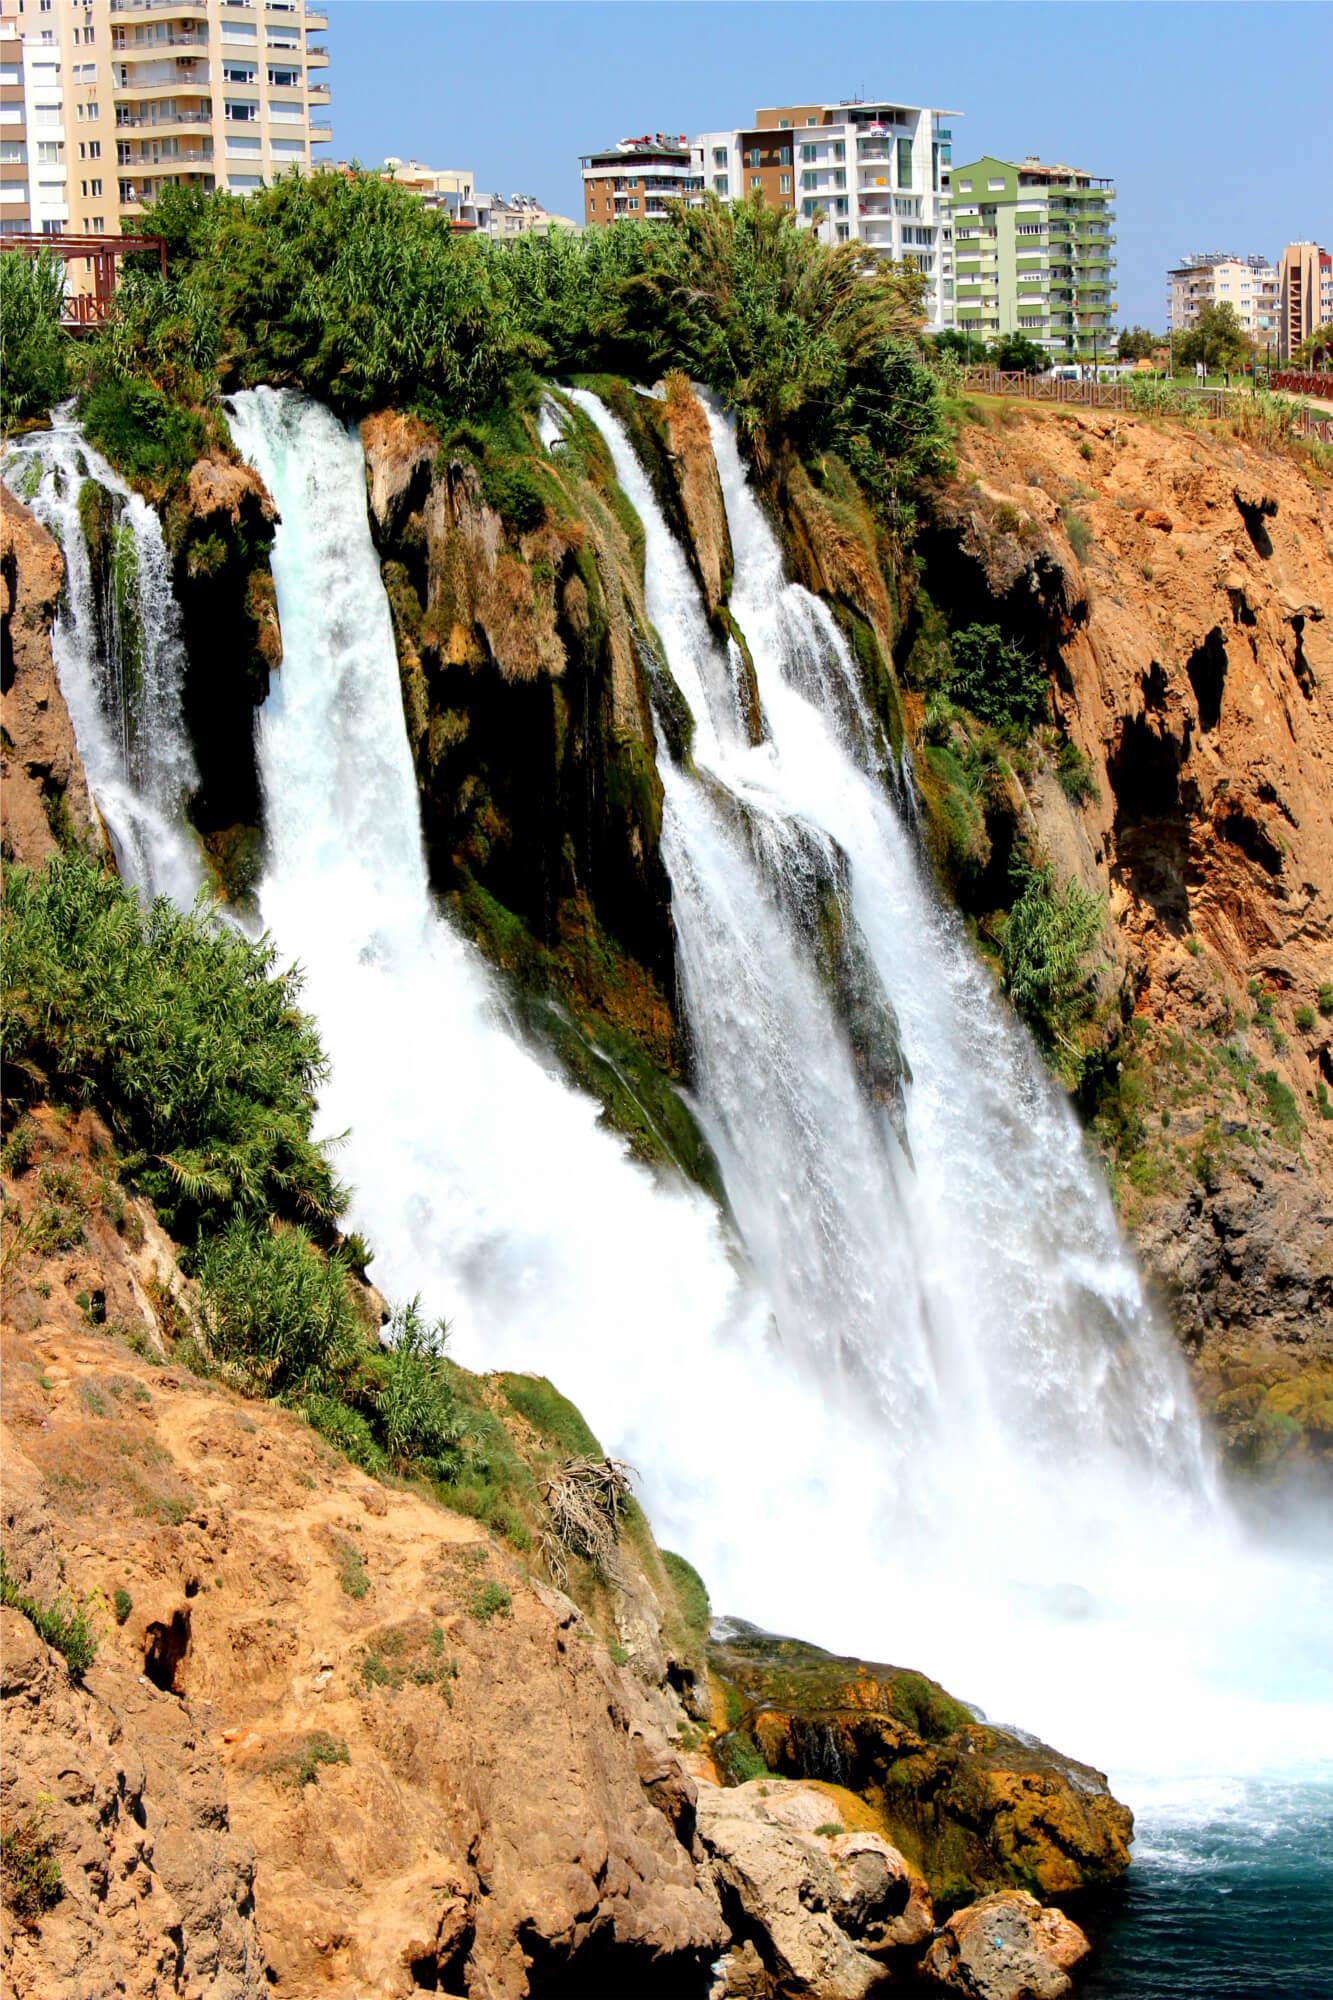 Wasserfall Düden Kiyi Selalesi